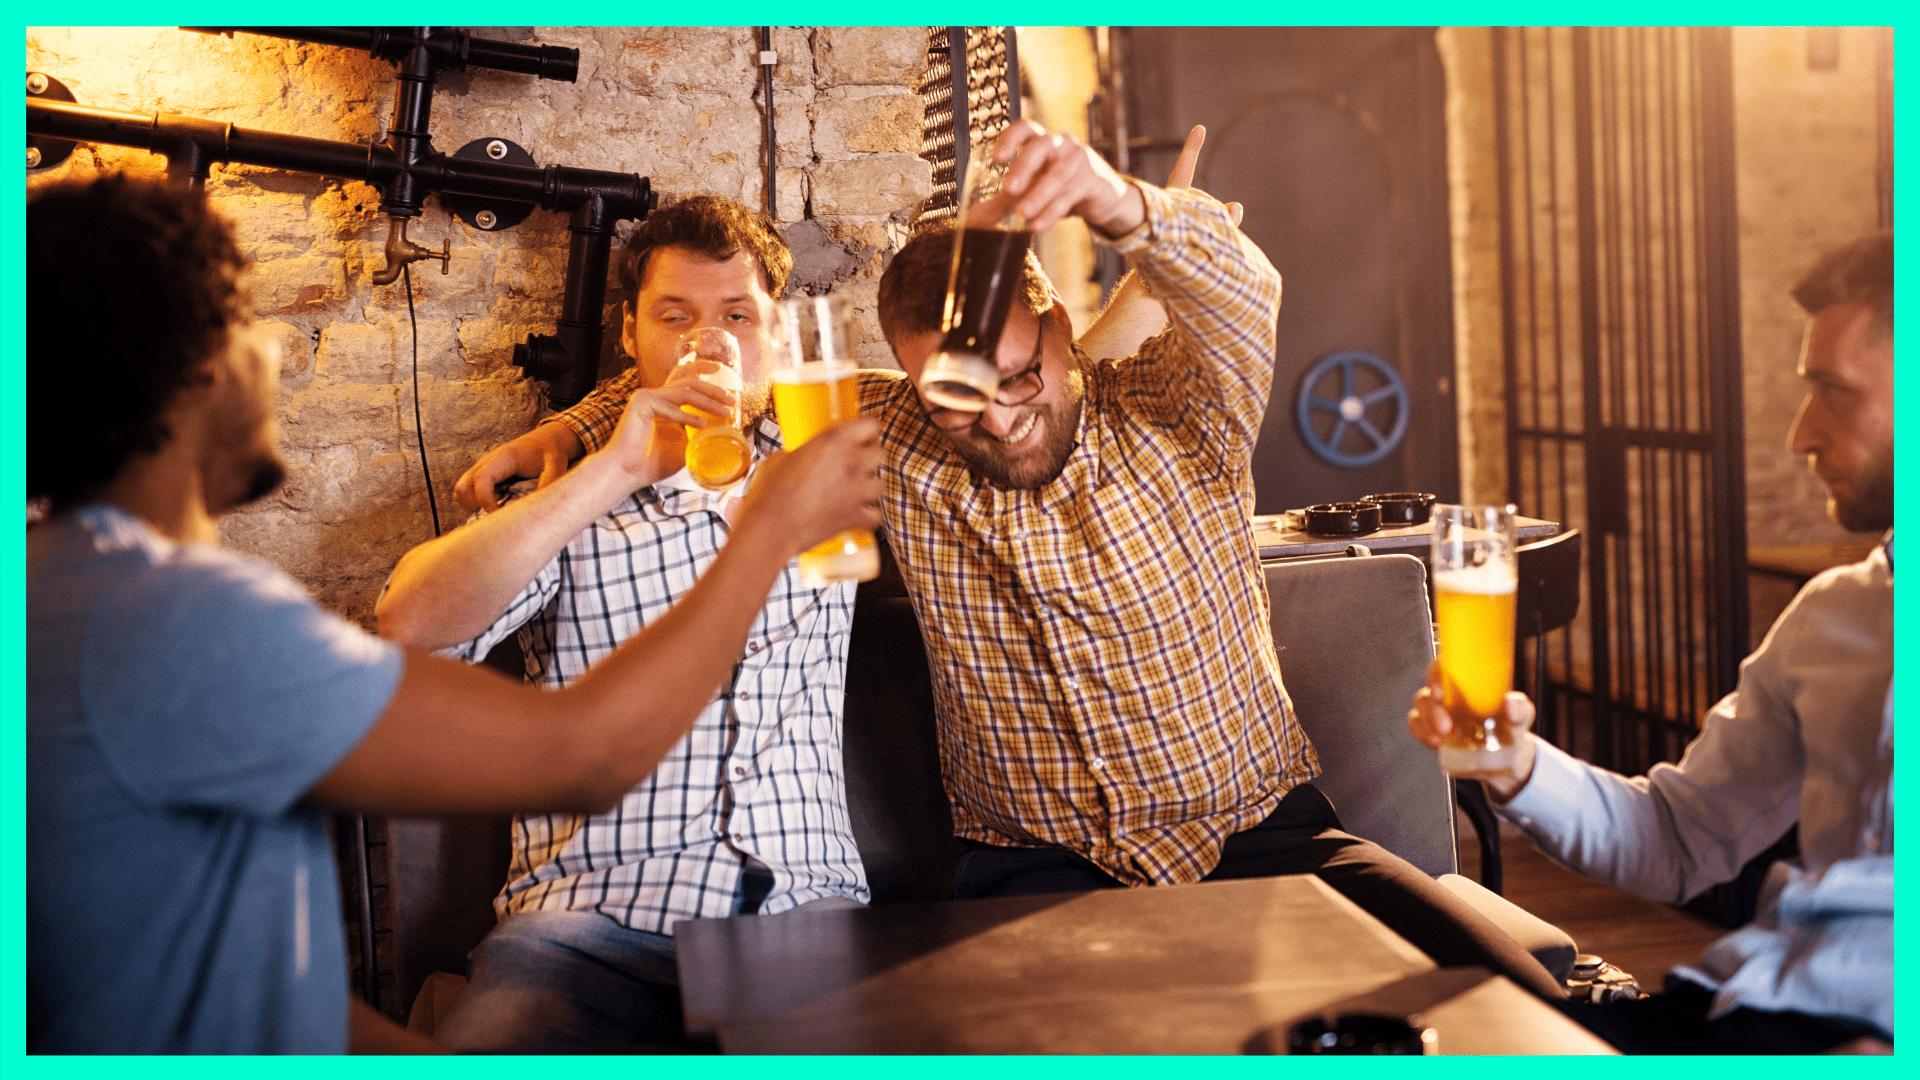 Gruppe von Männern auf Bier getrunken